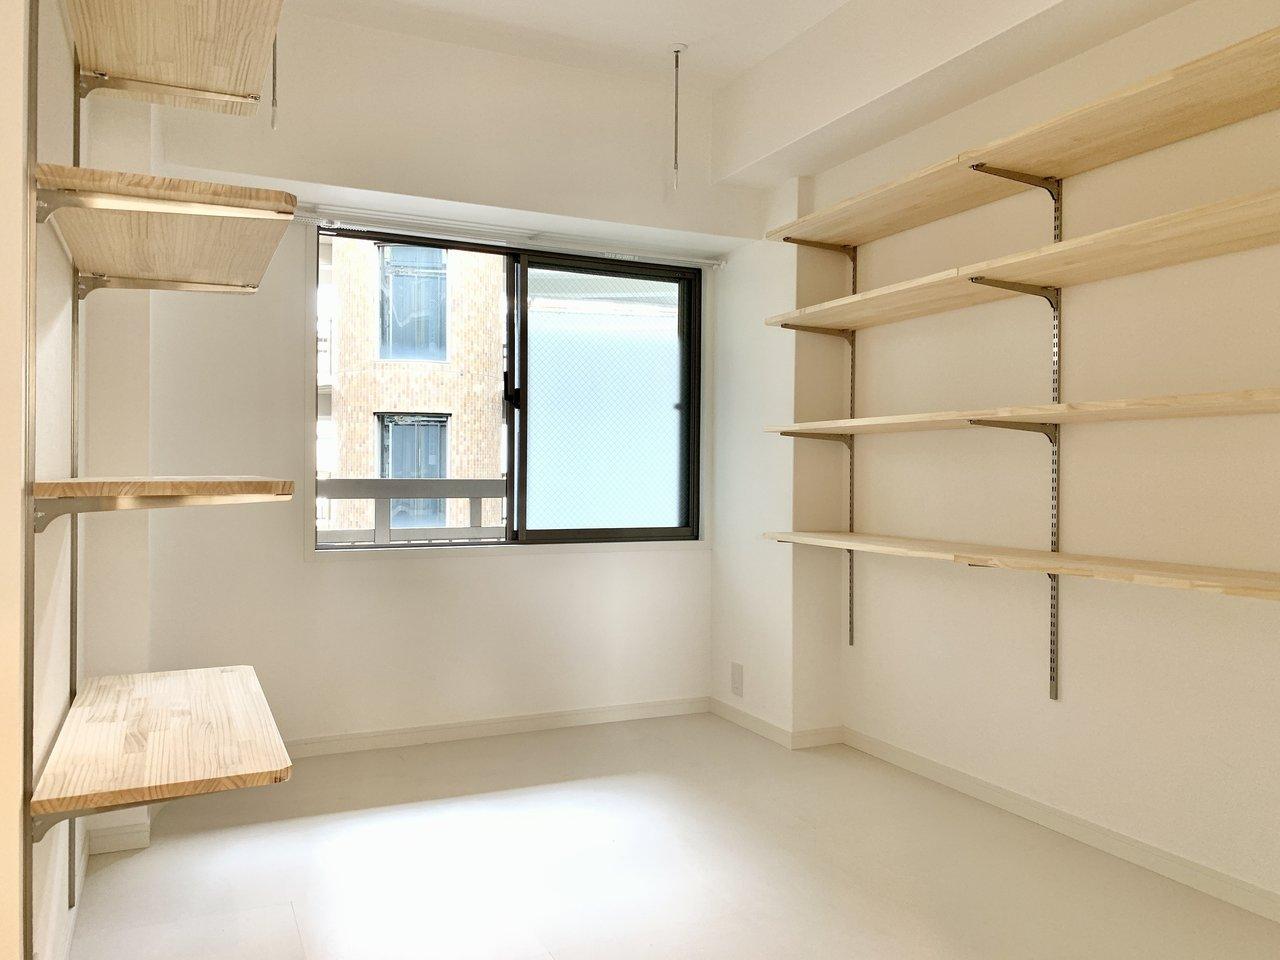 壁一面に可動式収納!棚を上にあげれば下にデスクを配置でき、書斎としても使えます。